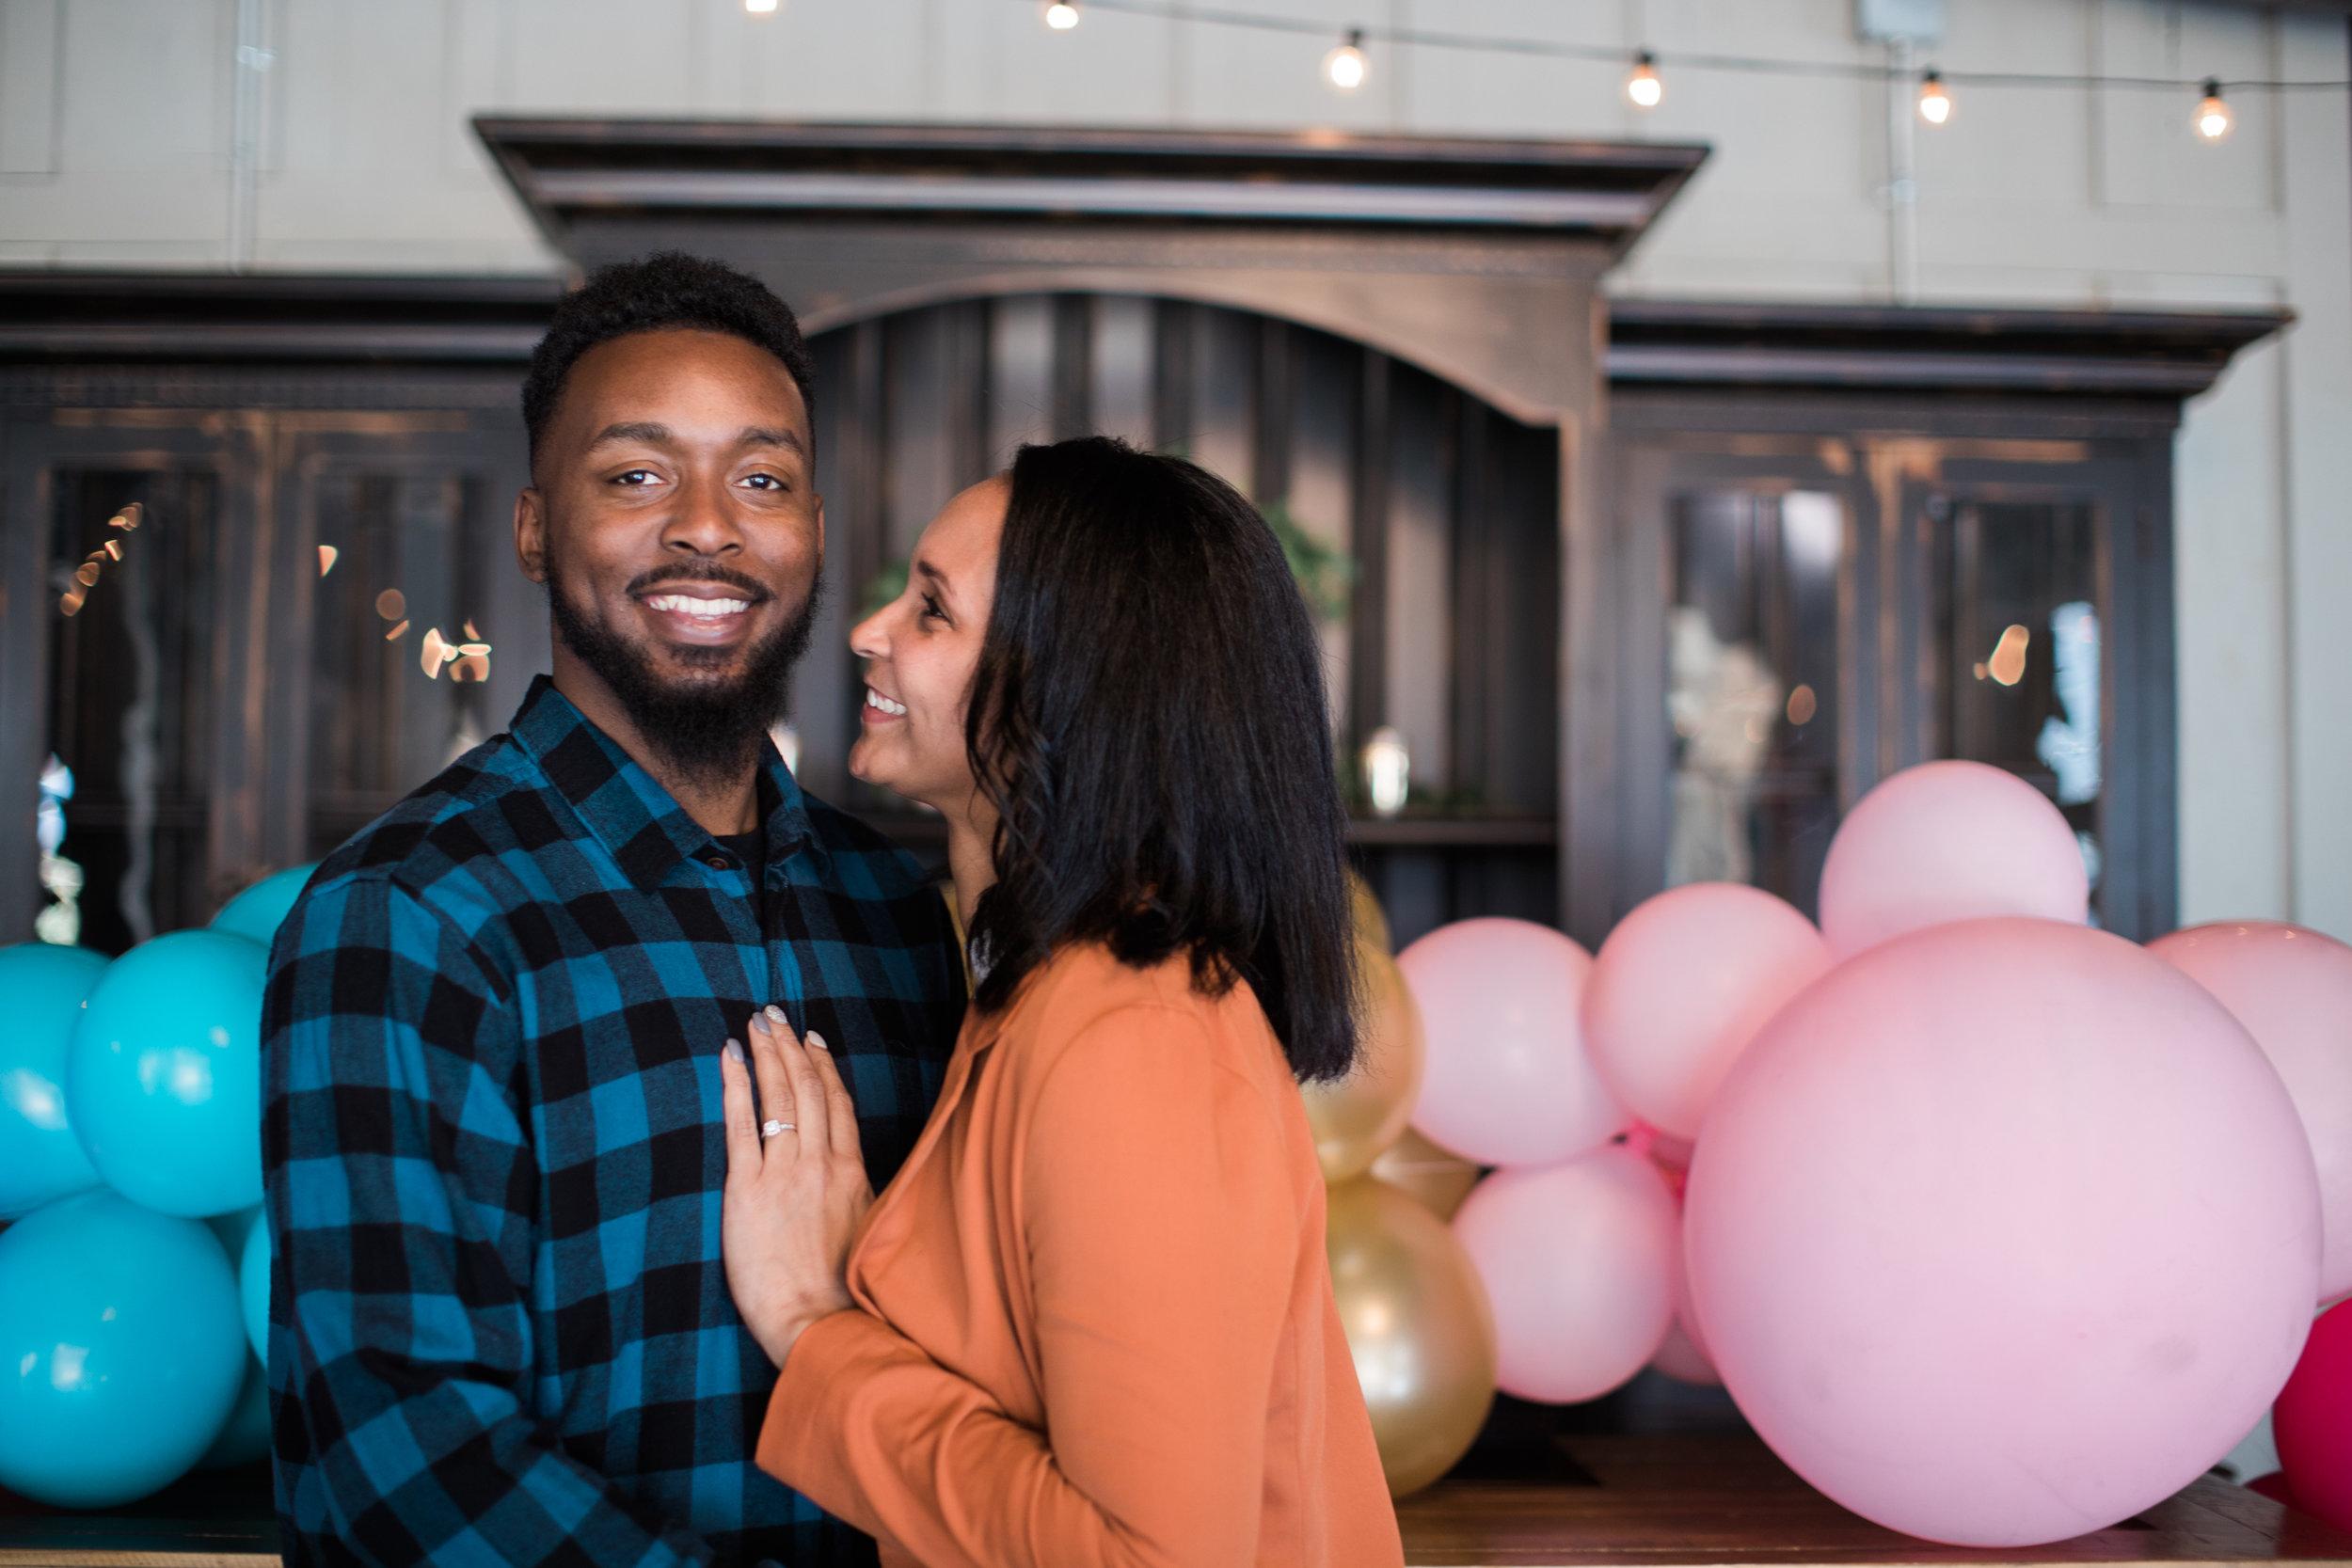 Black engaged couple maryland wedding photographer megapixels media photography main street ballroom ellicott city-3.jpg